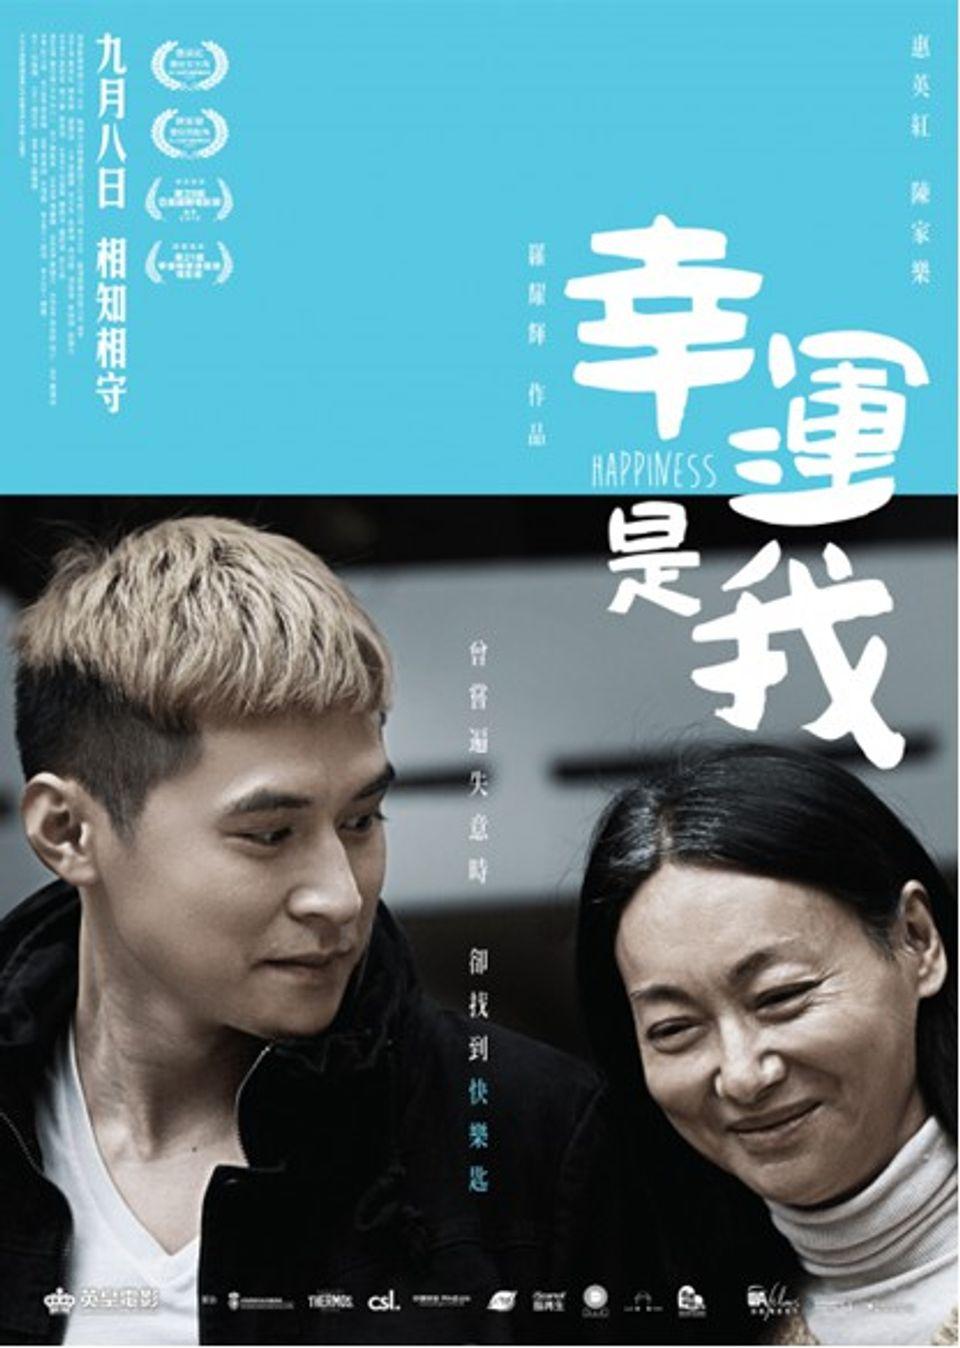 """ภ.จีน """"HAPPINESS บันทึกไว้ ณ ความทรงจำ"""""""